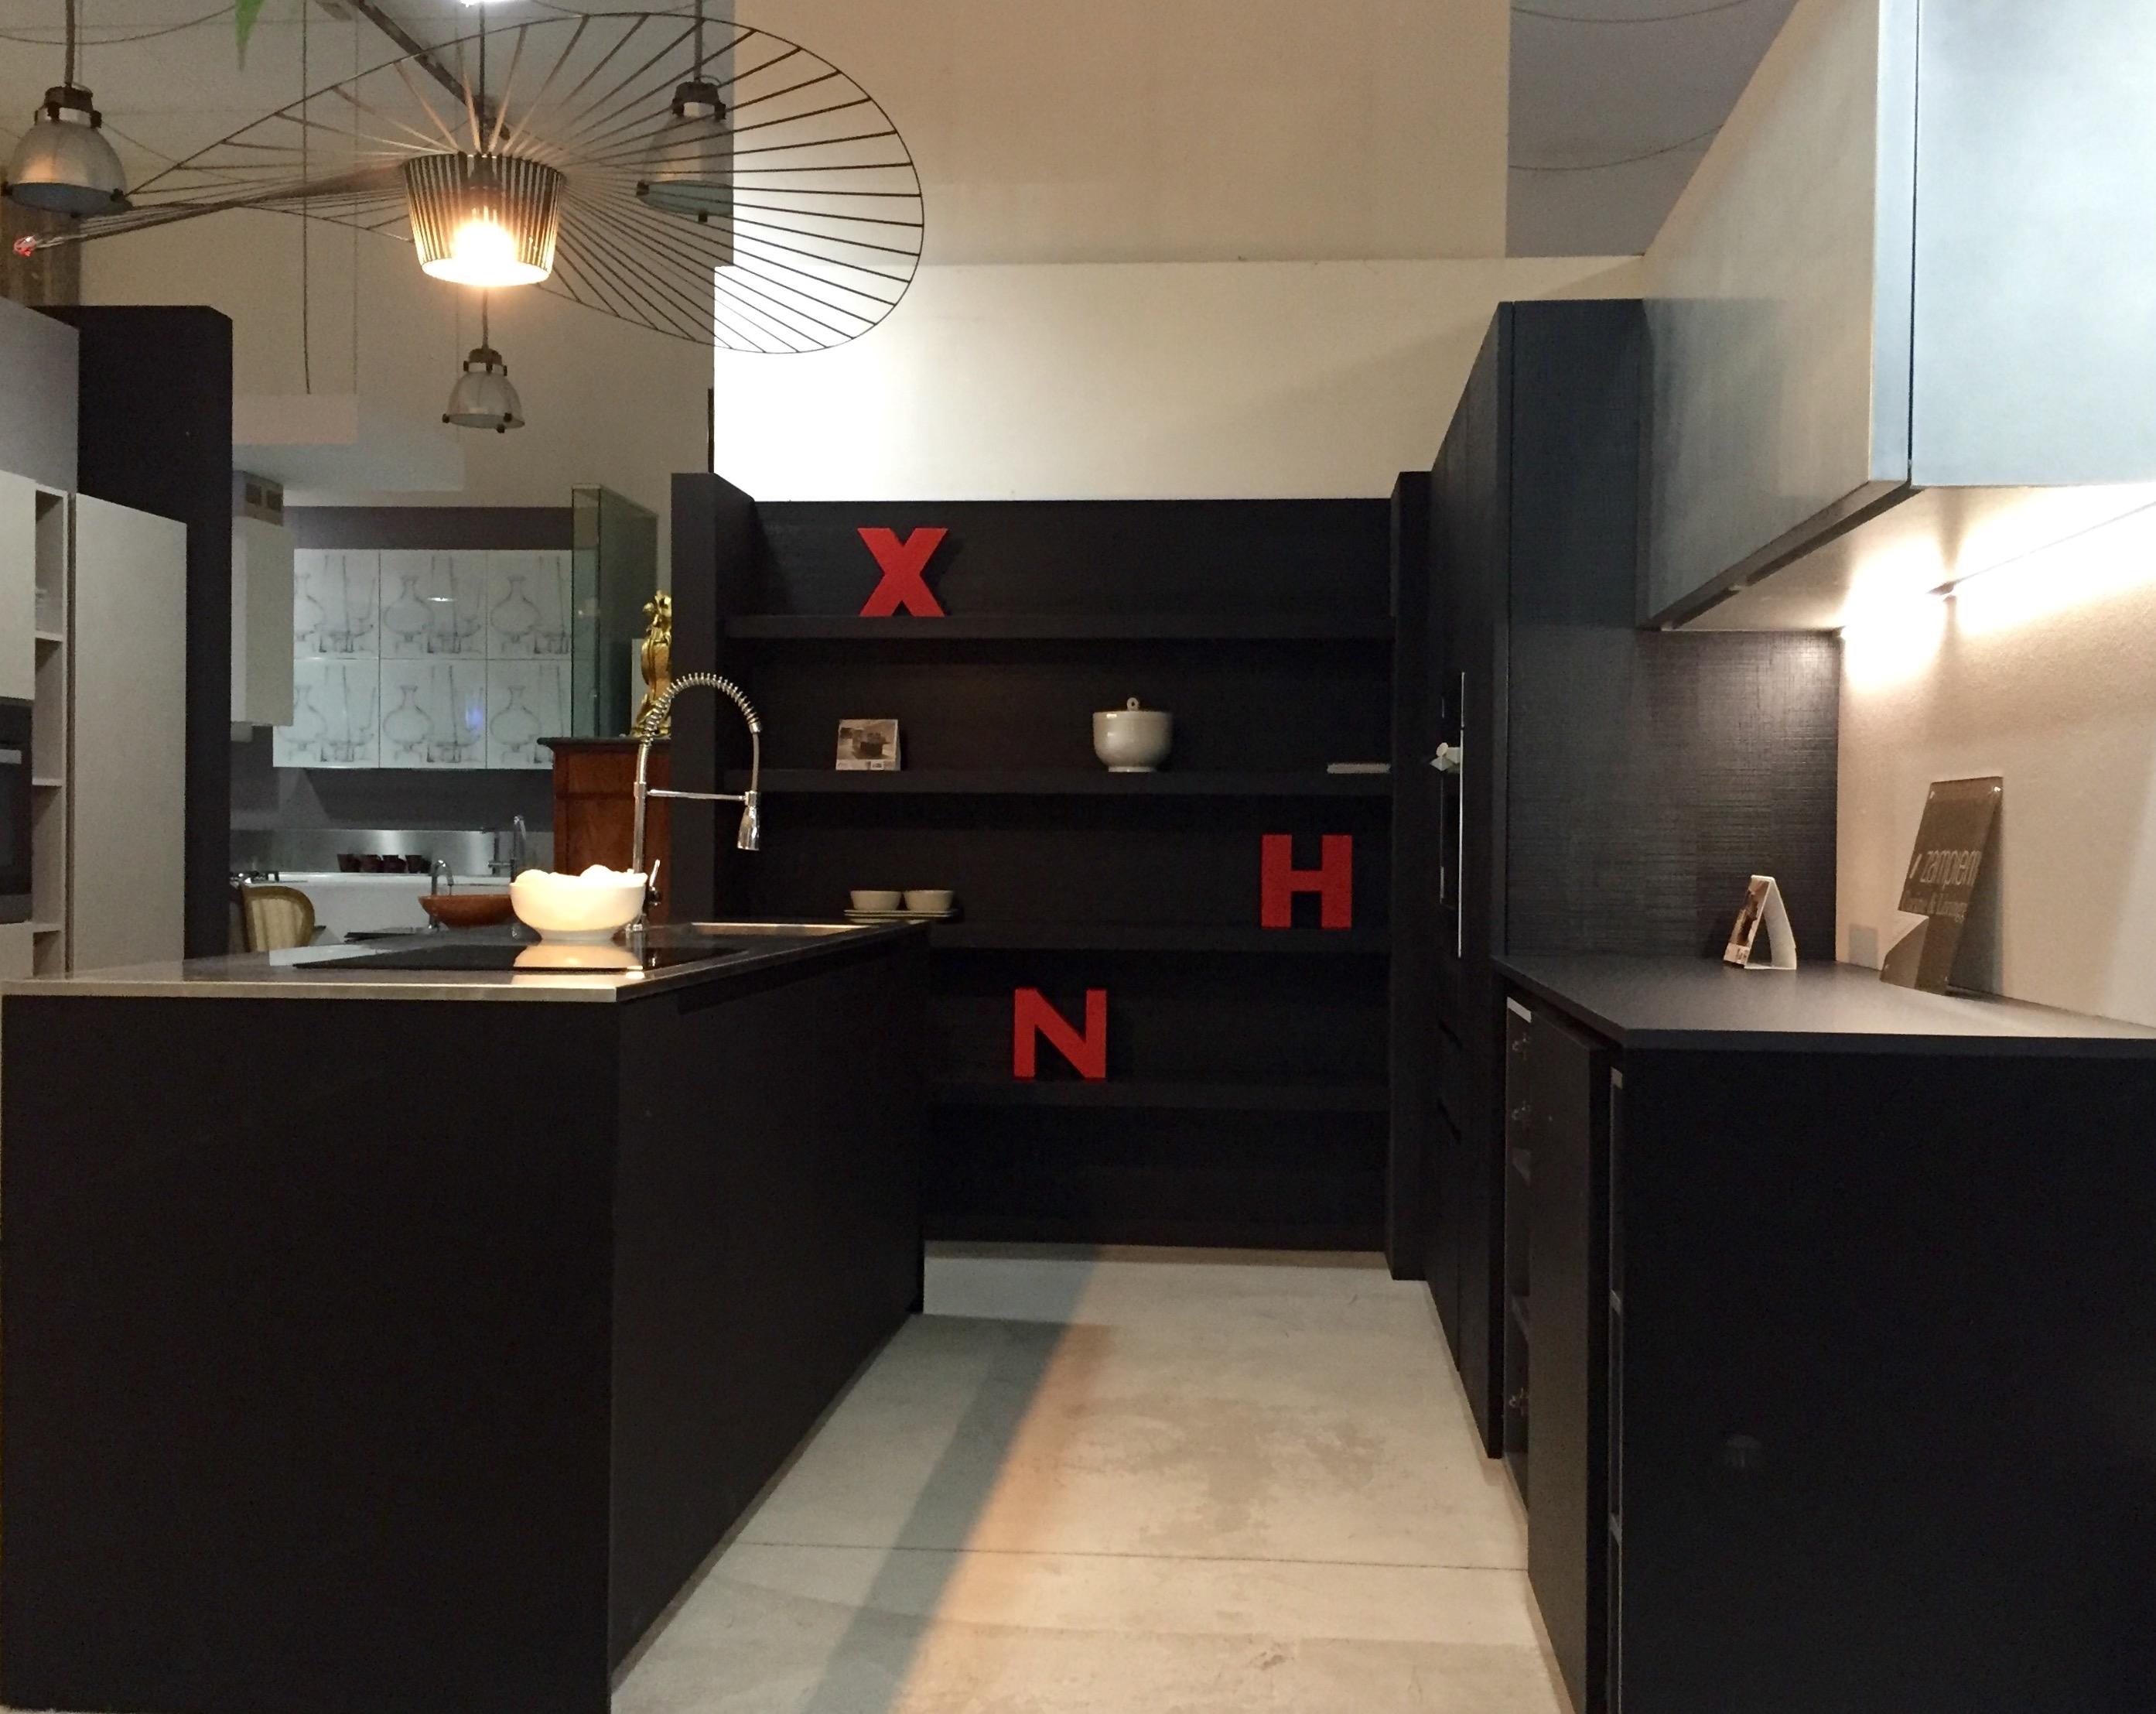 Cucina zampieri in legno rovere nero vintage dogato e - Cucine zampieri prezzi ...